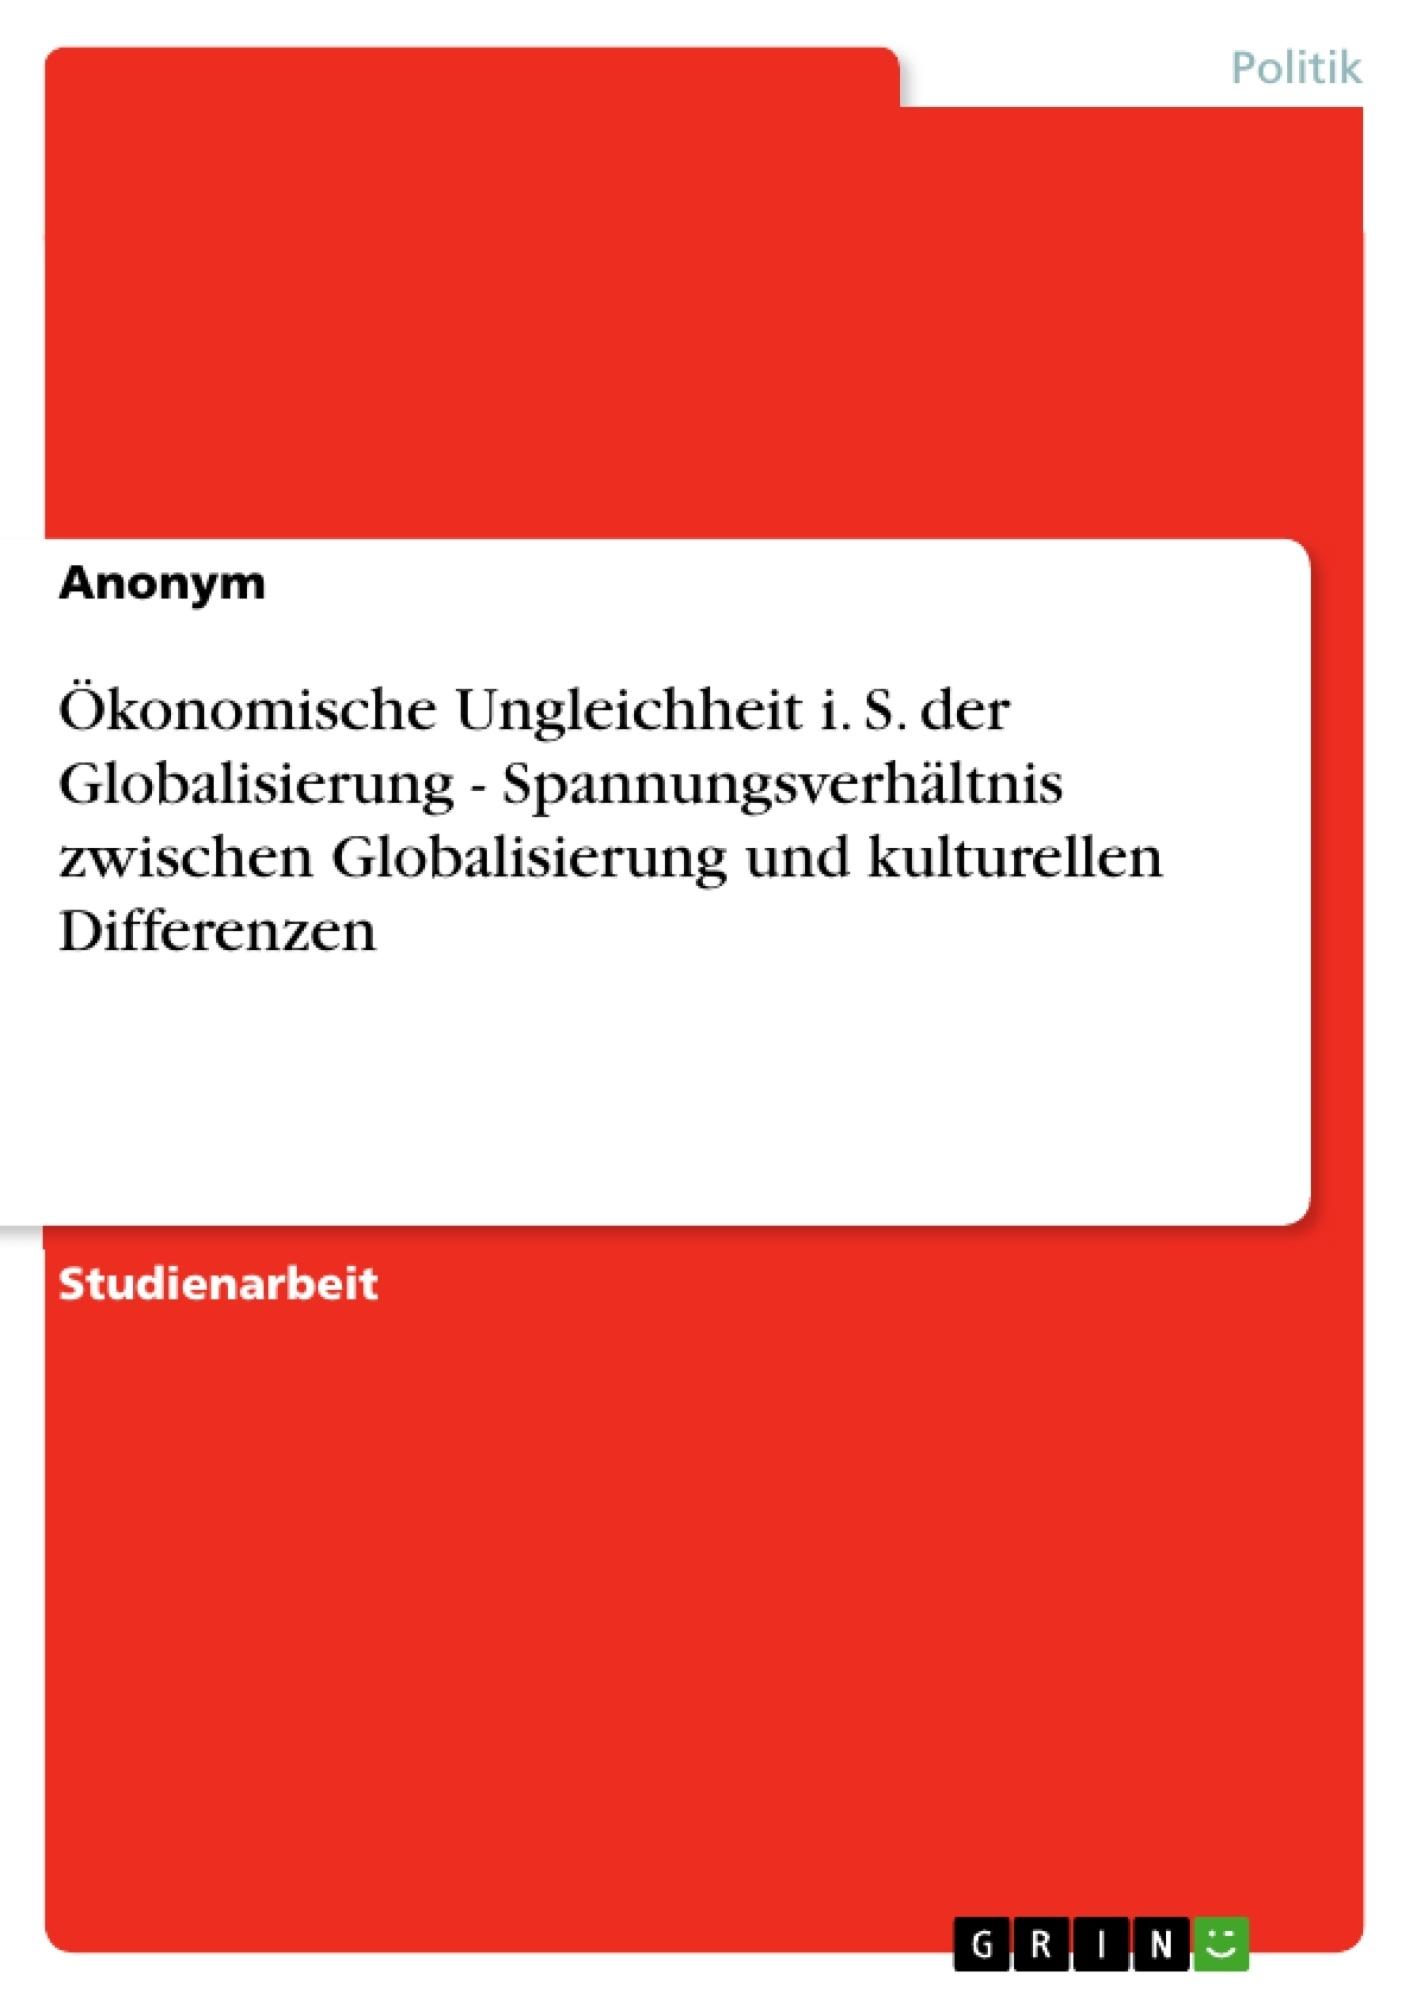 Titel: Ökonomische Ungleichheit i. S. der Globalisierung - Spannungsverhältnis zwischen Globalisierung und kulturellen Differenzen